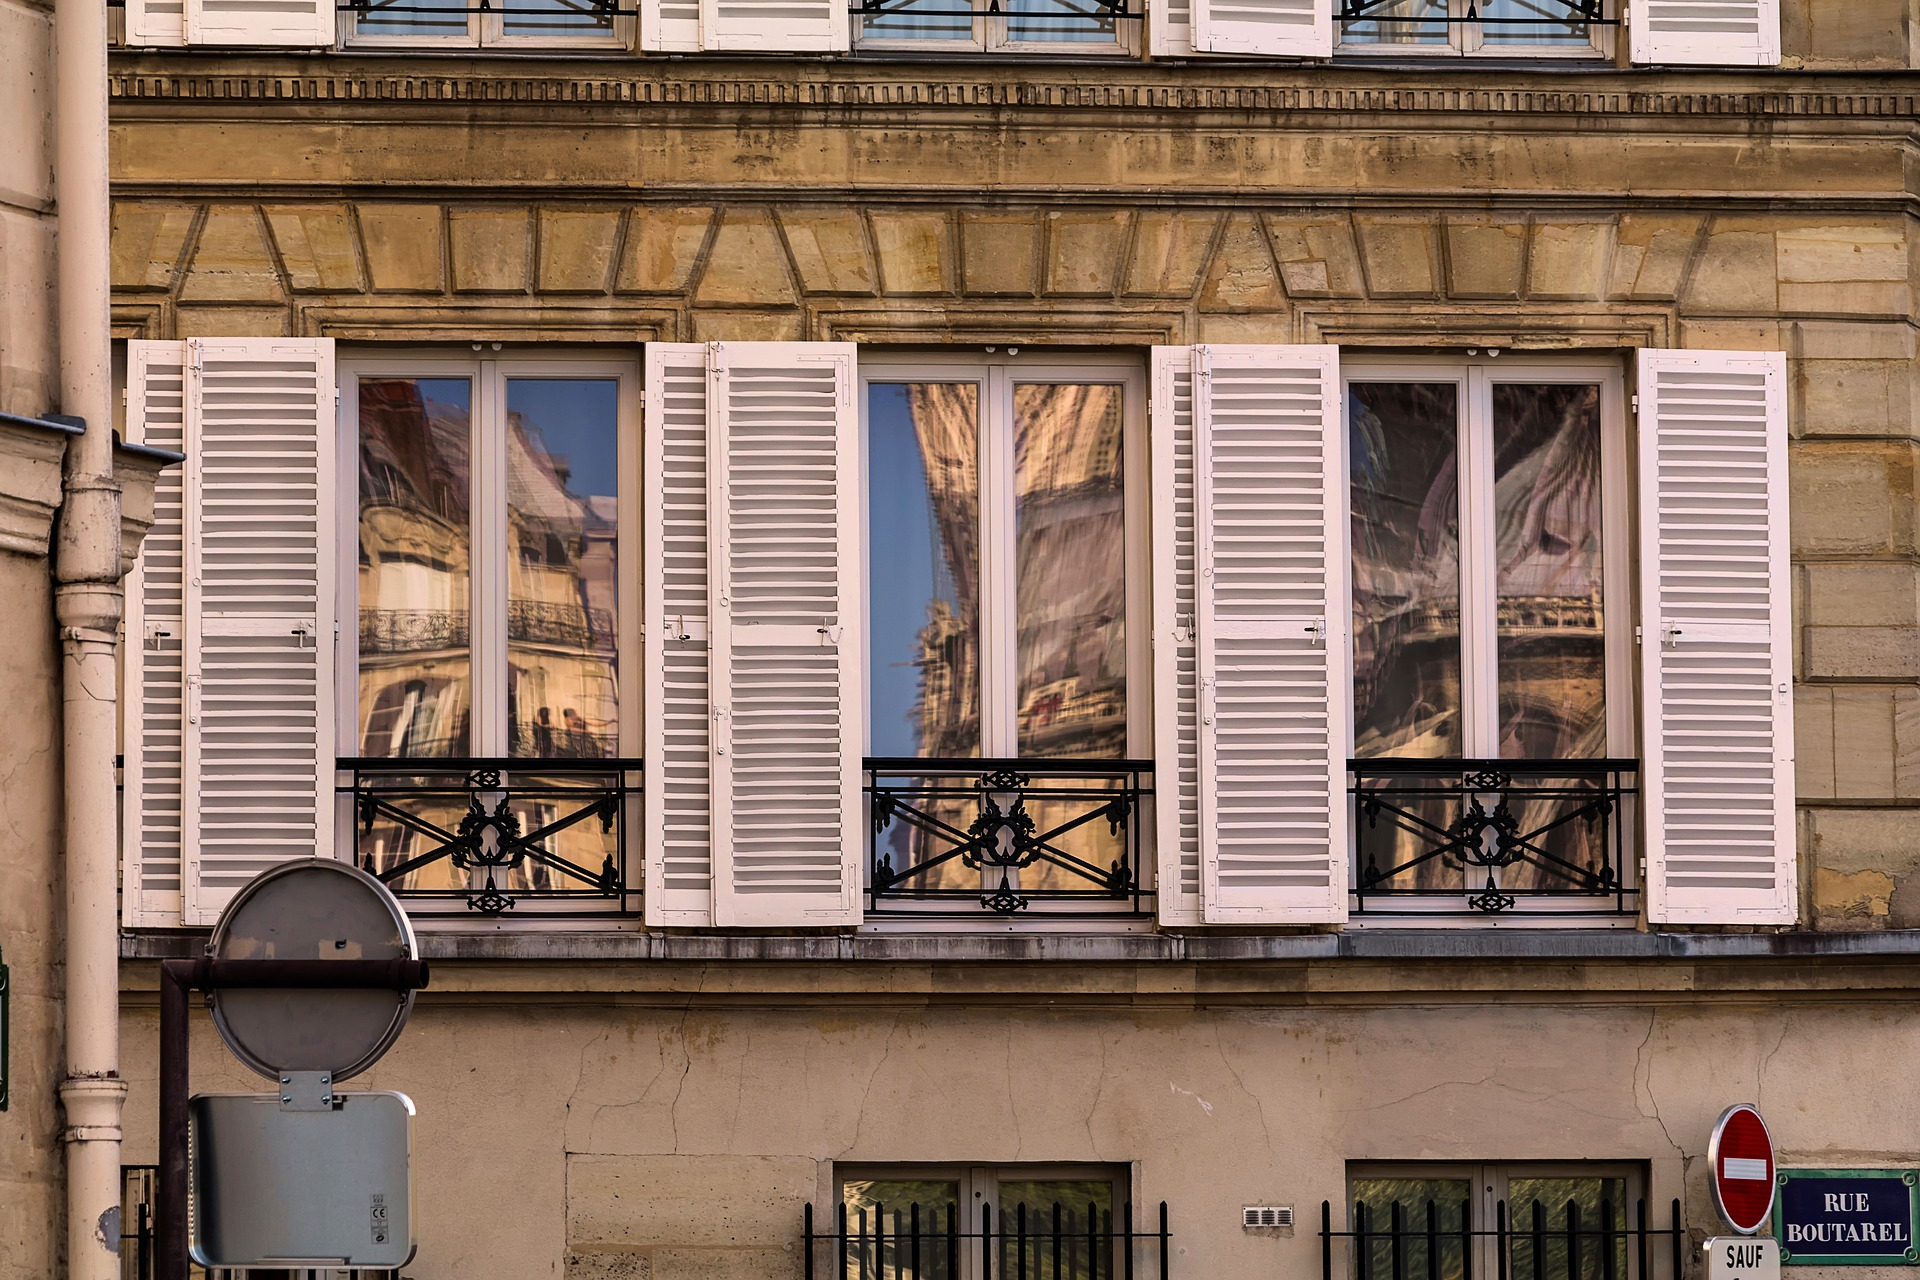 Immobilier : A Paris, c'est 10 000 euros le mètre carré.